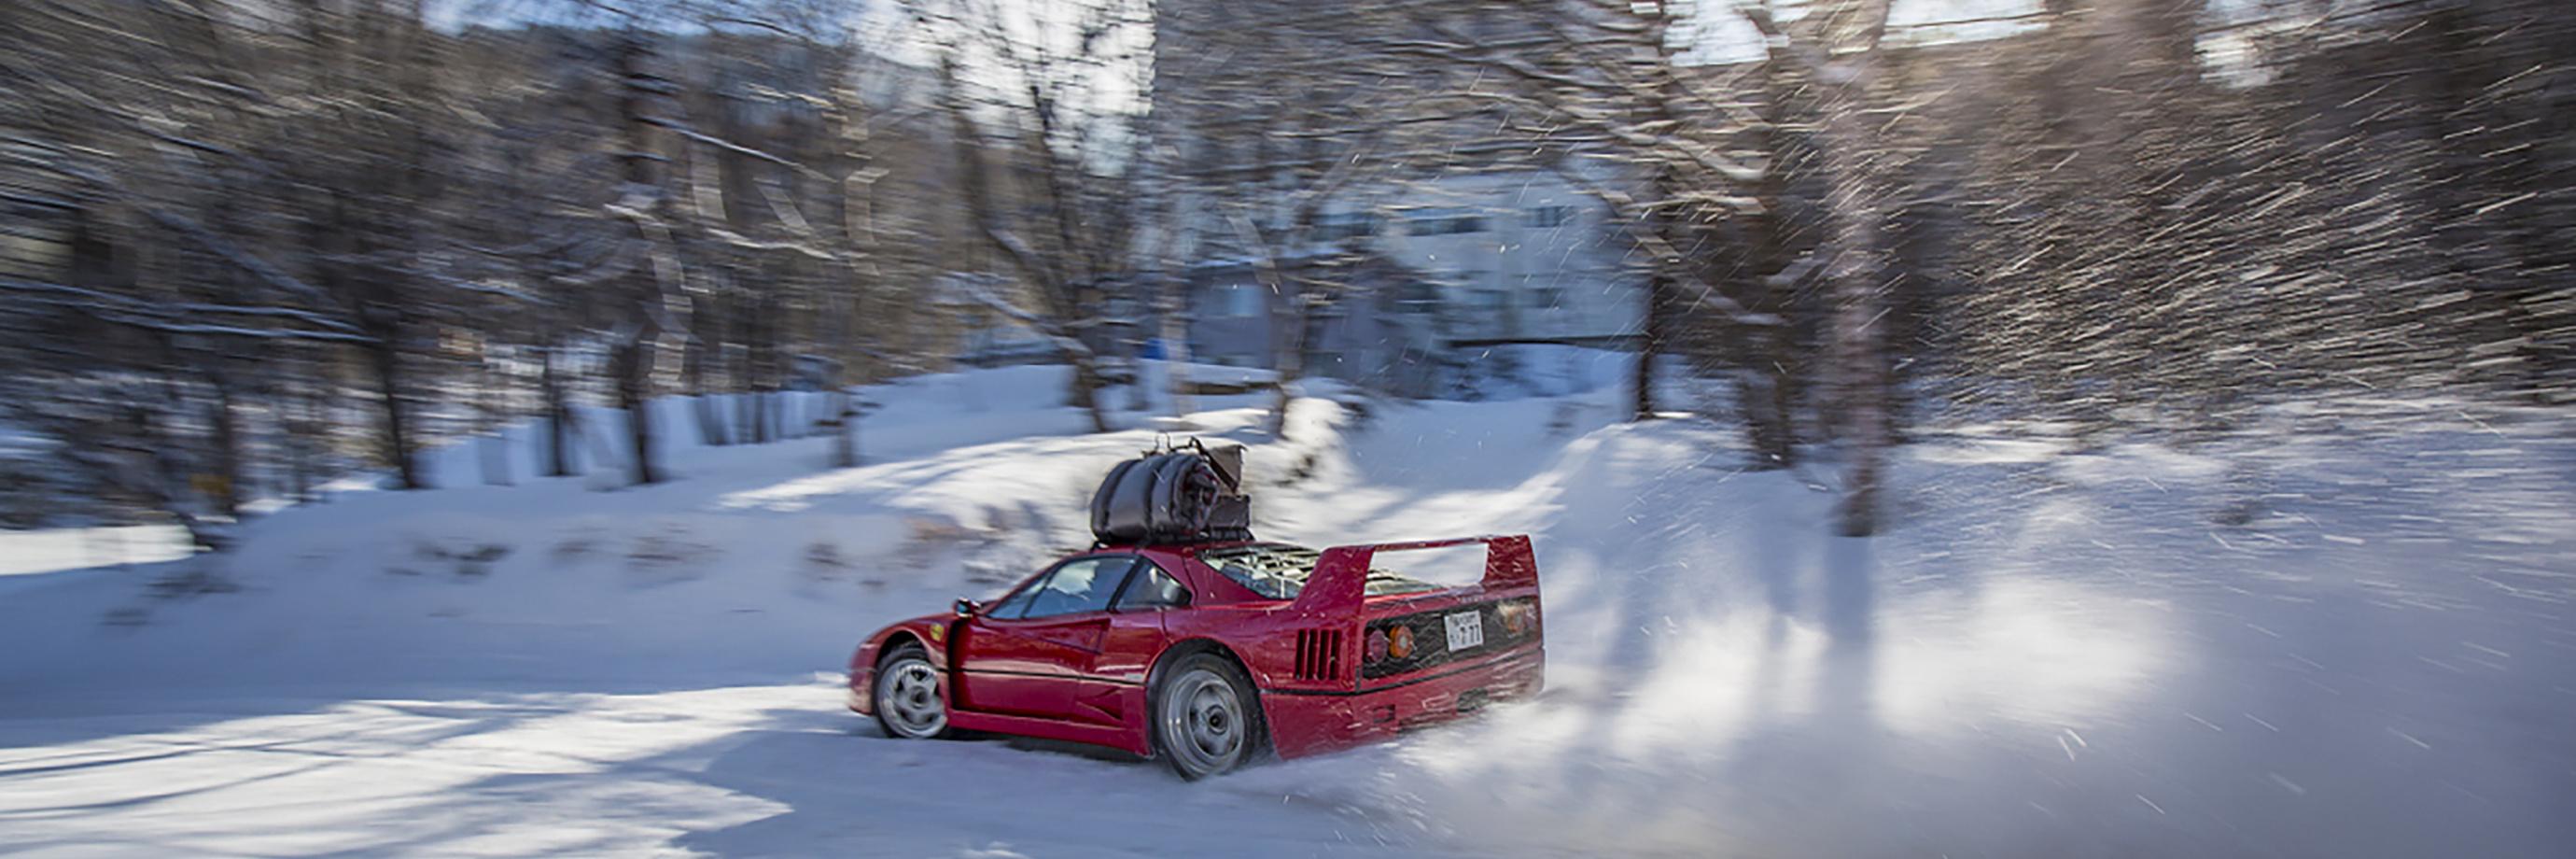 充分发挥你的想象力 法拉利F40雪地豁车完美上演冬日大秀